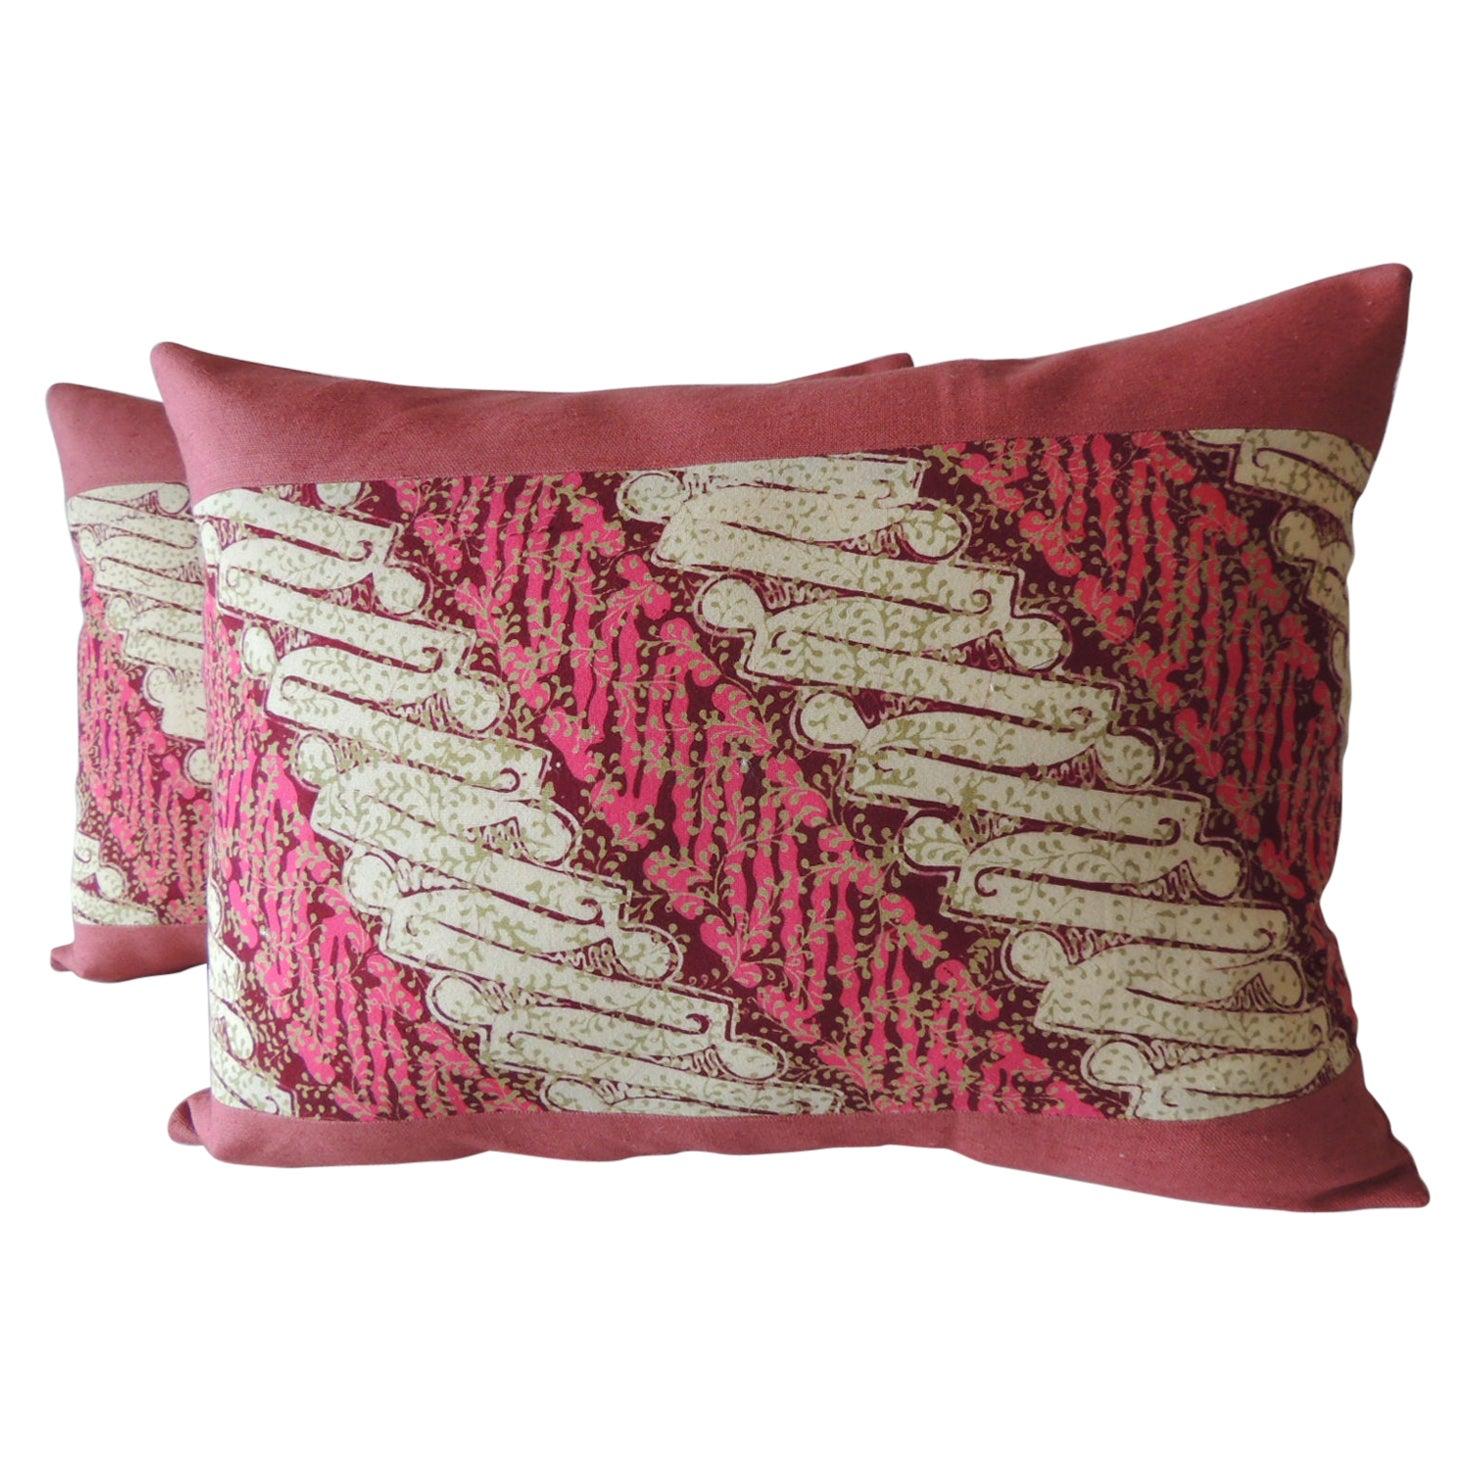 Pair of Vintage Pink and Red Batik Lumbar Decorative Pillows